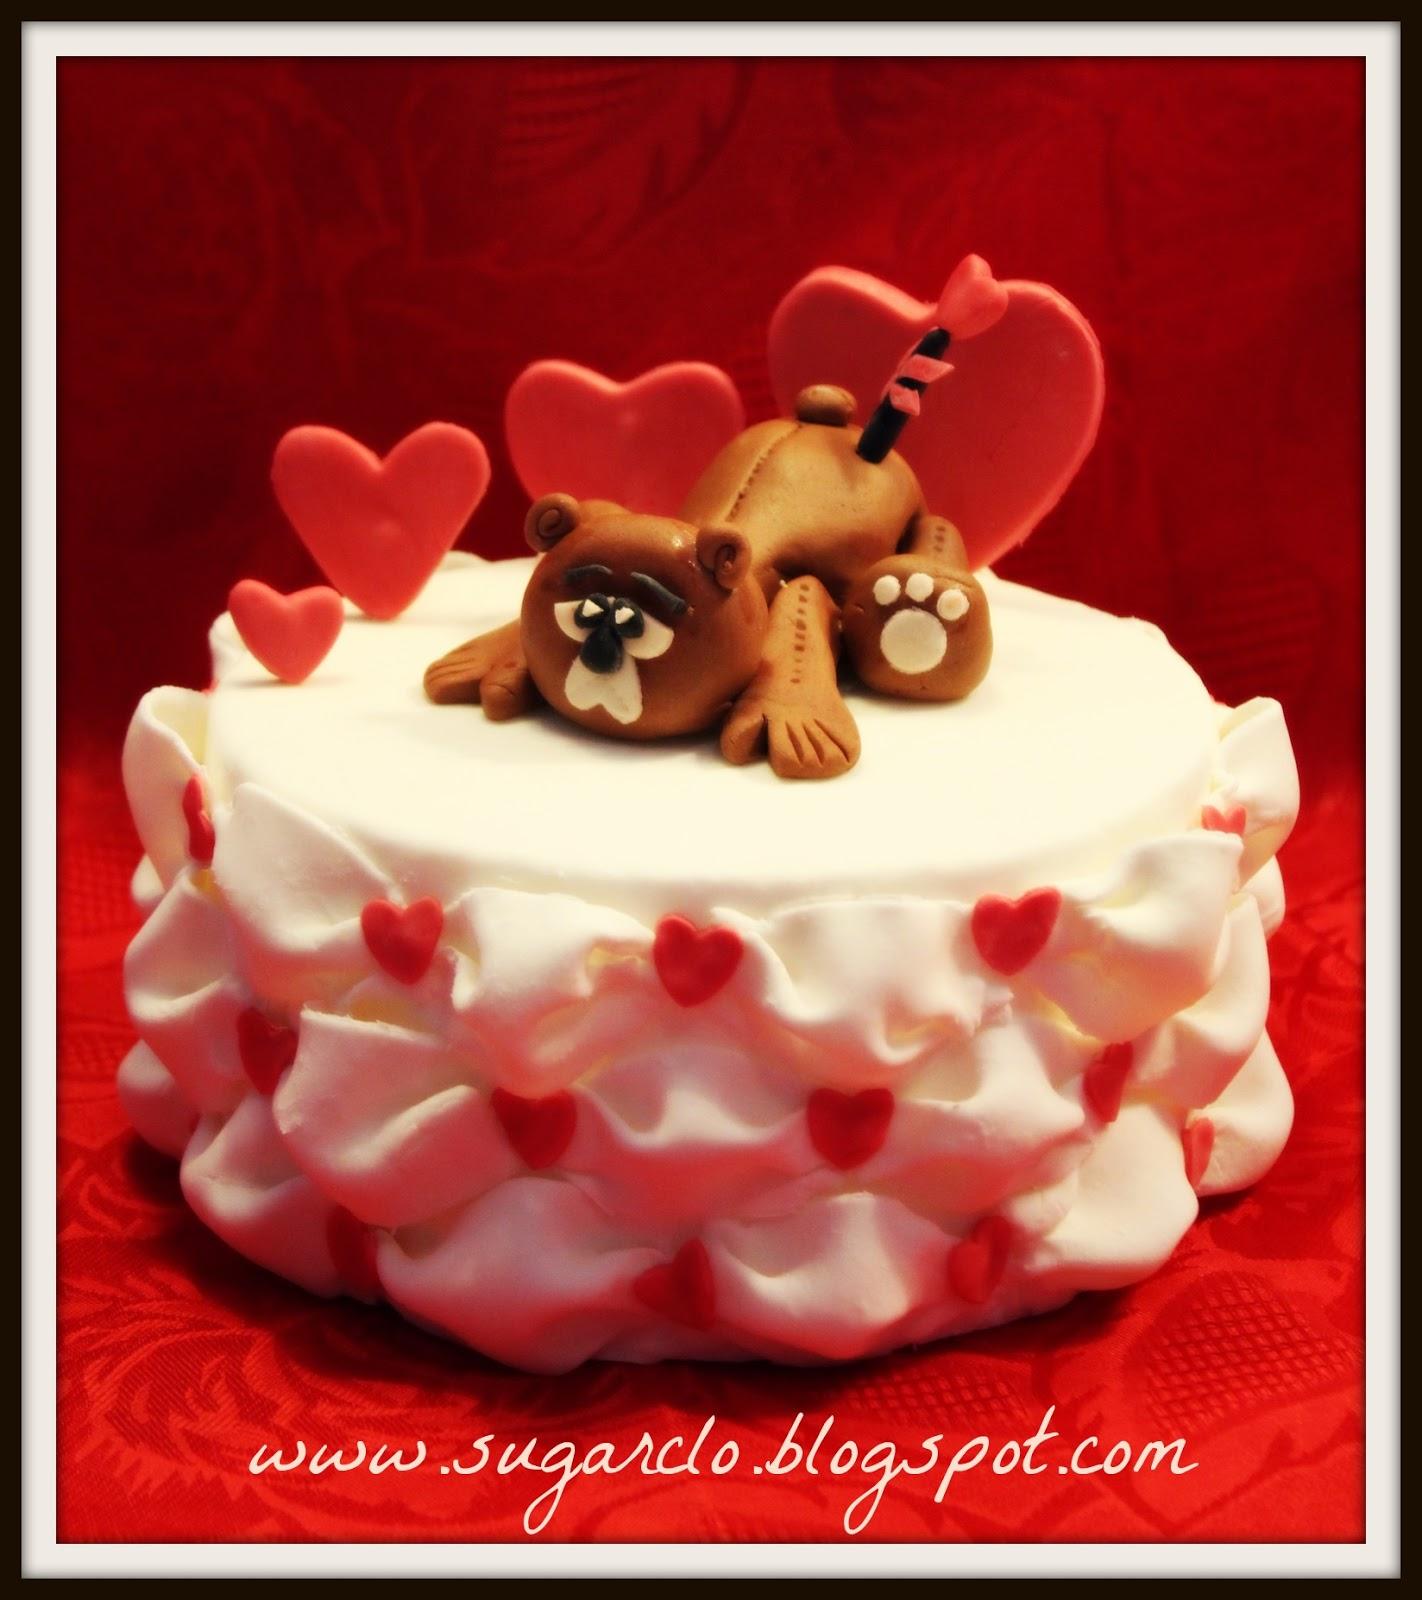 Sugarclo i pasticci di clo corso base per san valentino - San valentino decorazioni ...